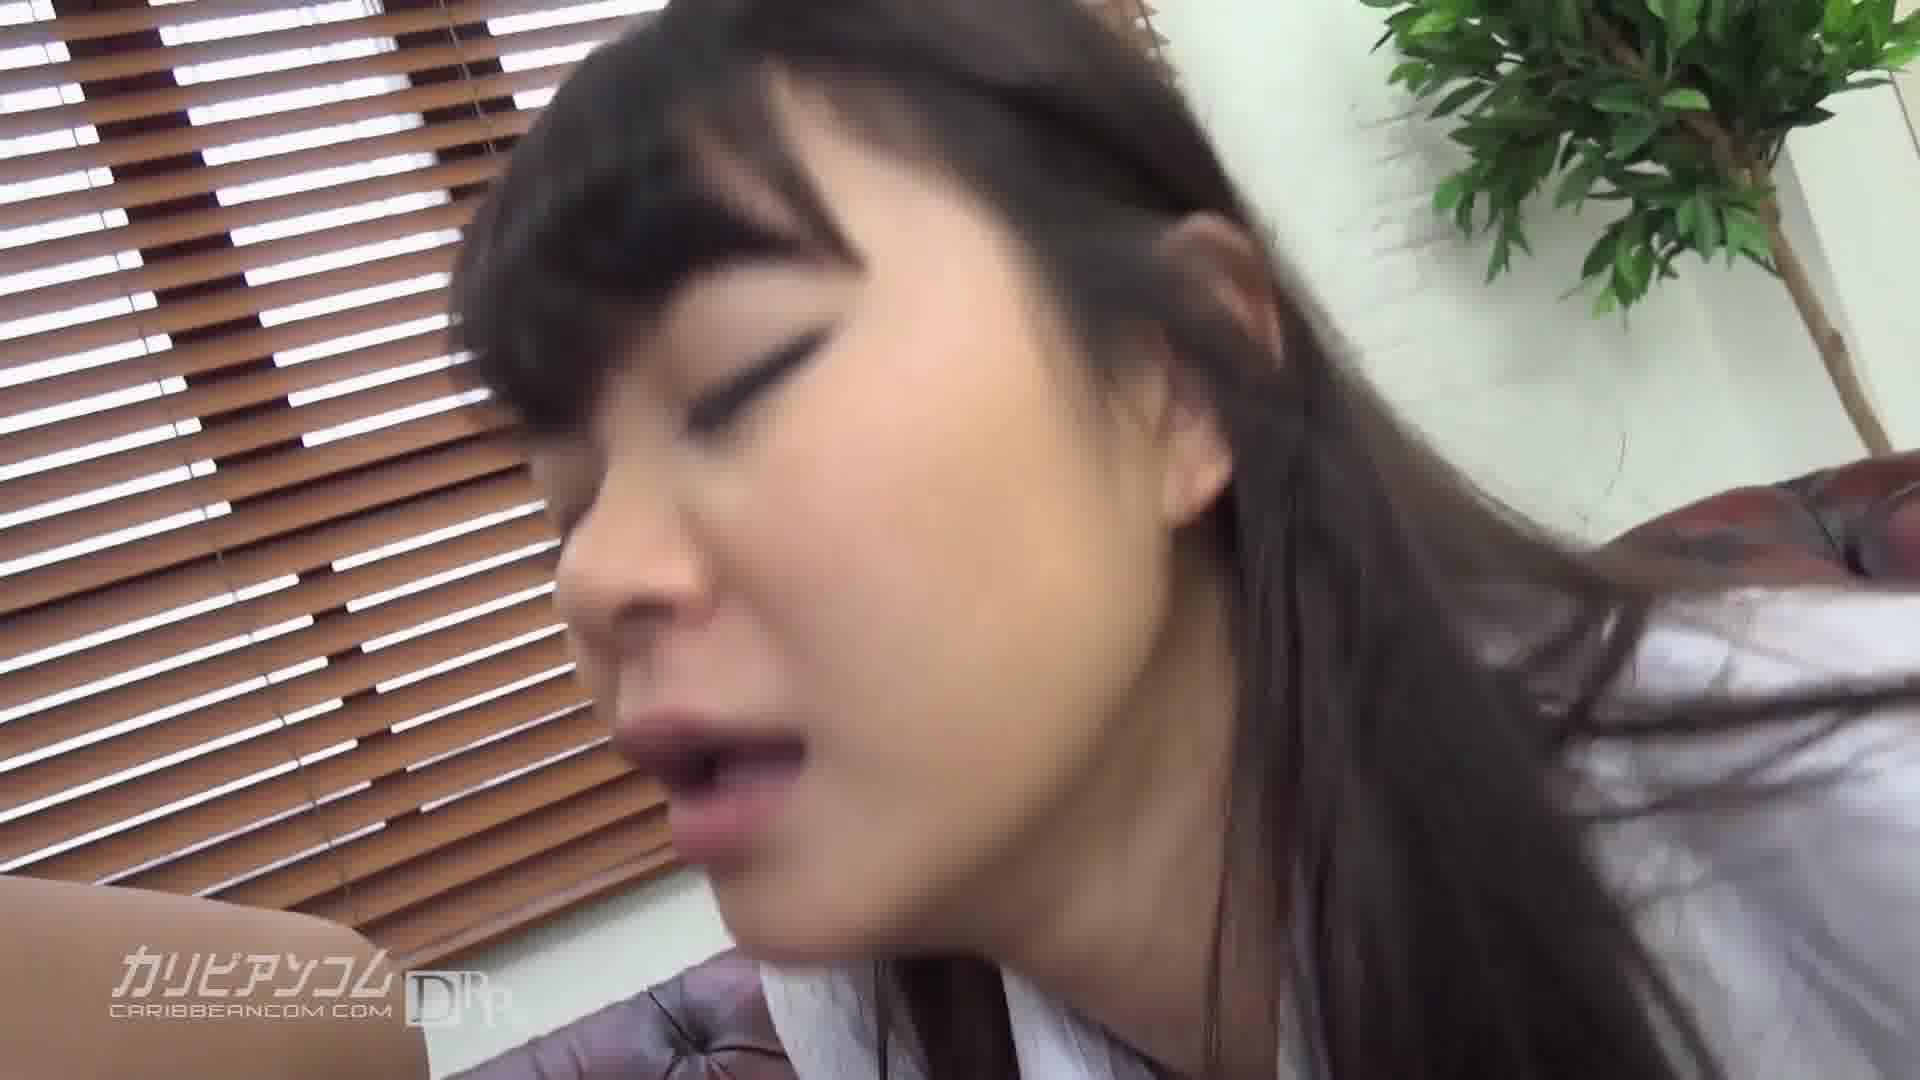 卒業したのはいいけれど、元CRB48の厳しい現実 - 夢実あくび【コスプレ・制服・イラマチオ】